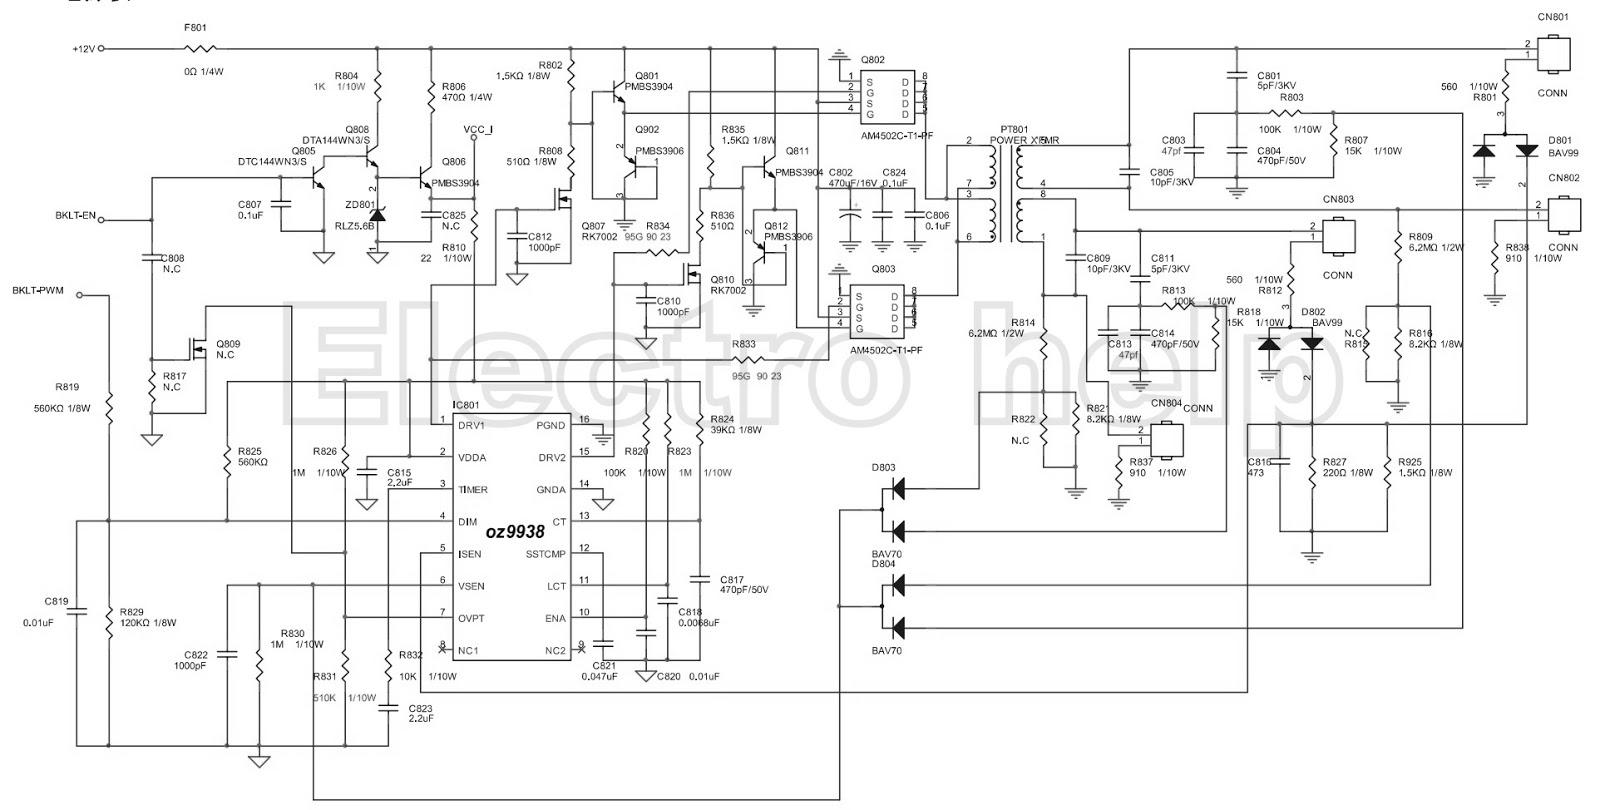 Sony Kv29x5a Crt Tv Smps Str F And Aoc T76cm5mdf1a1nip T76cnmmdf1a1nip Lcd Monitor